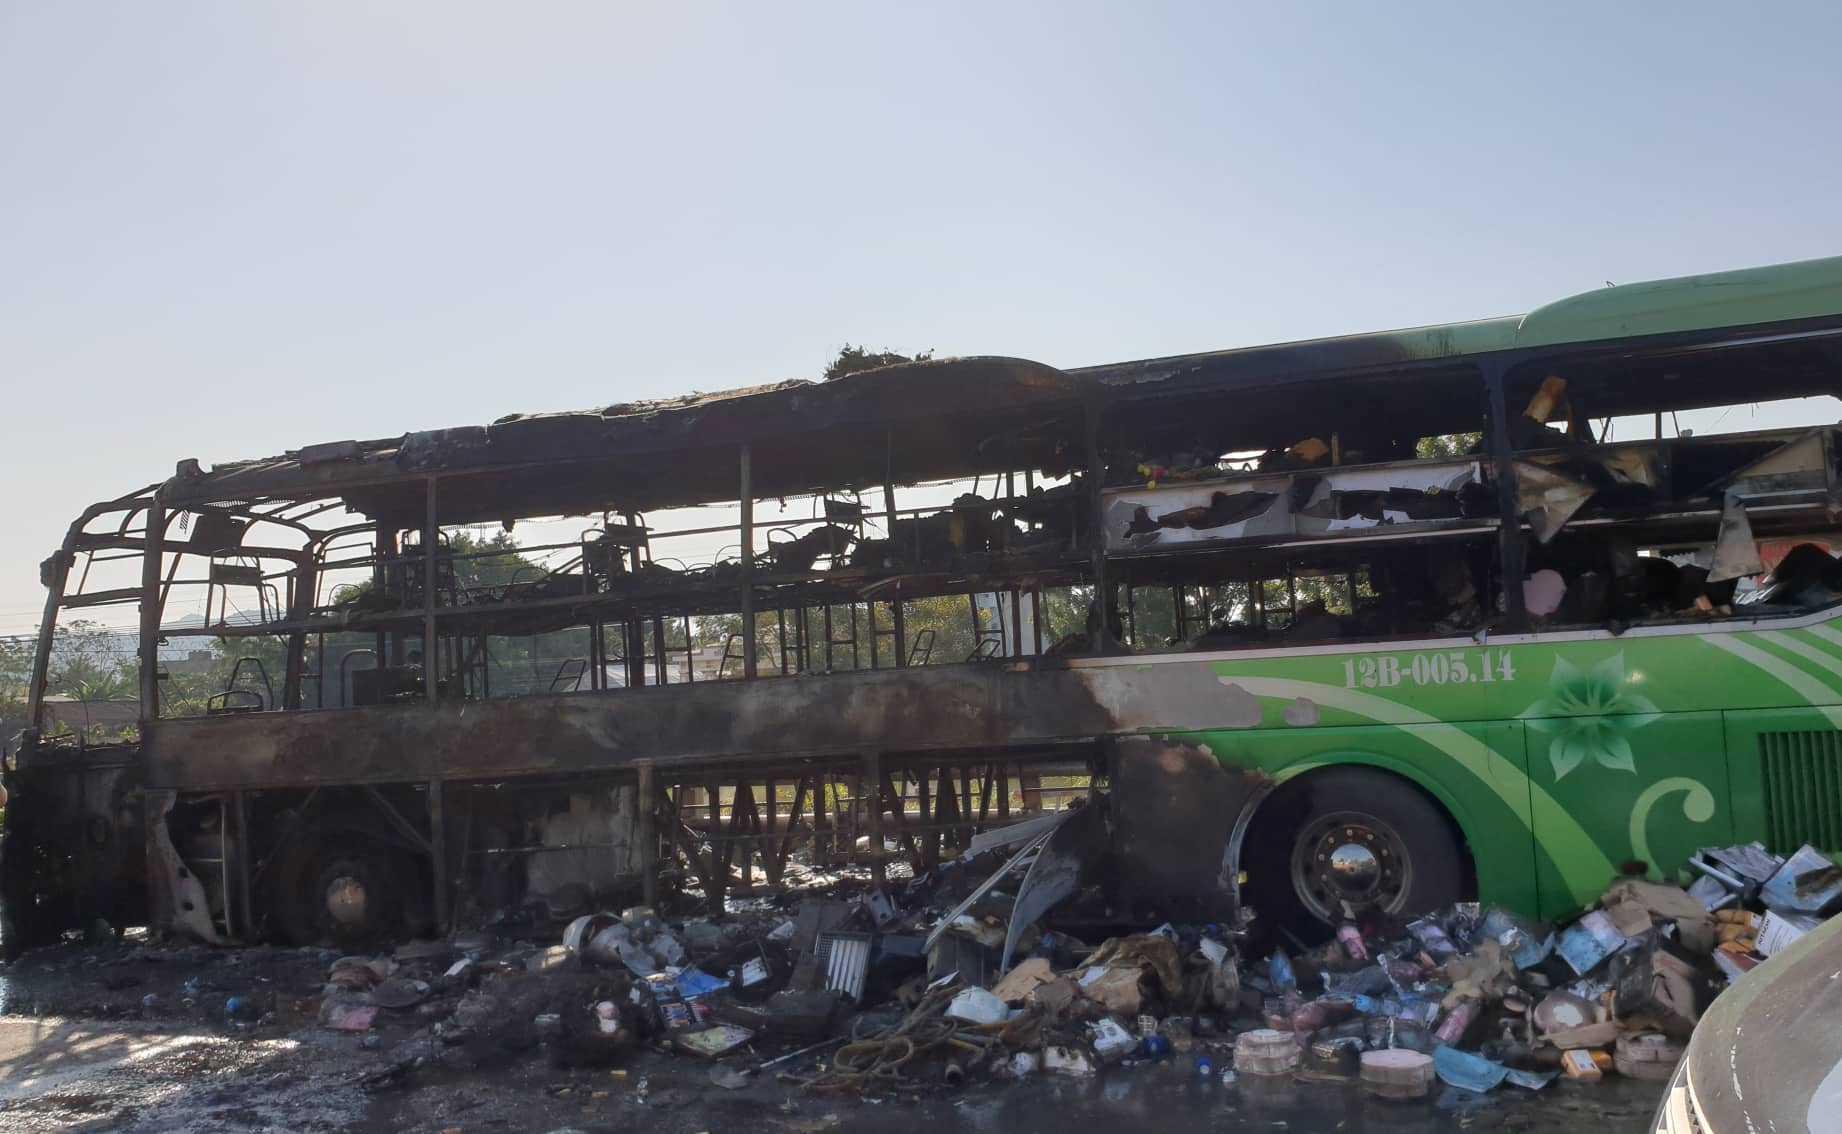 Xe giường nằm chở 11 khách bốc cháy nghi ngút ở Thanh Hóa